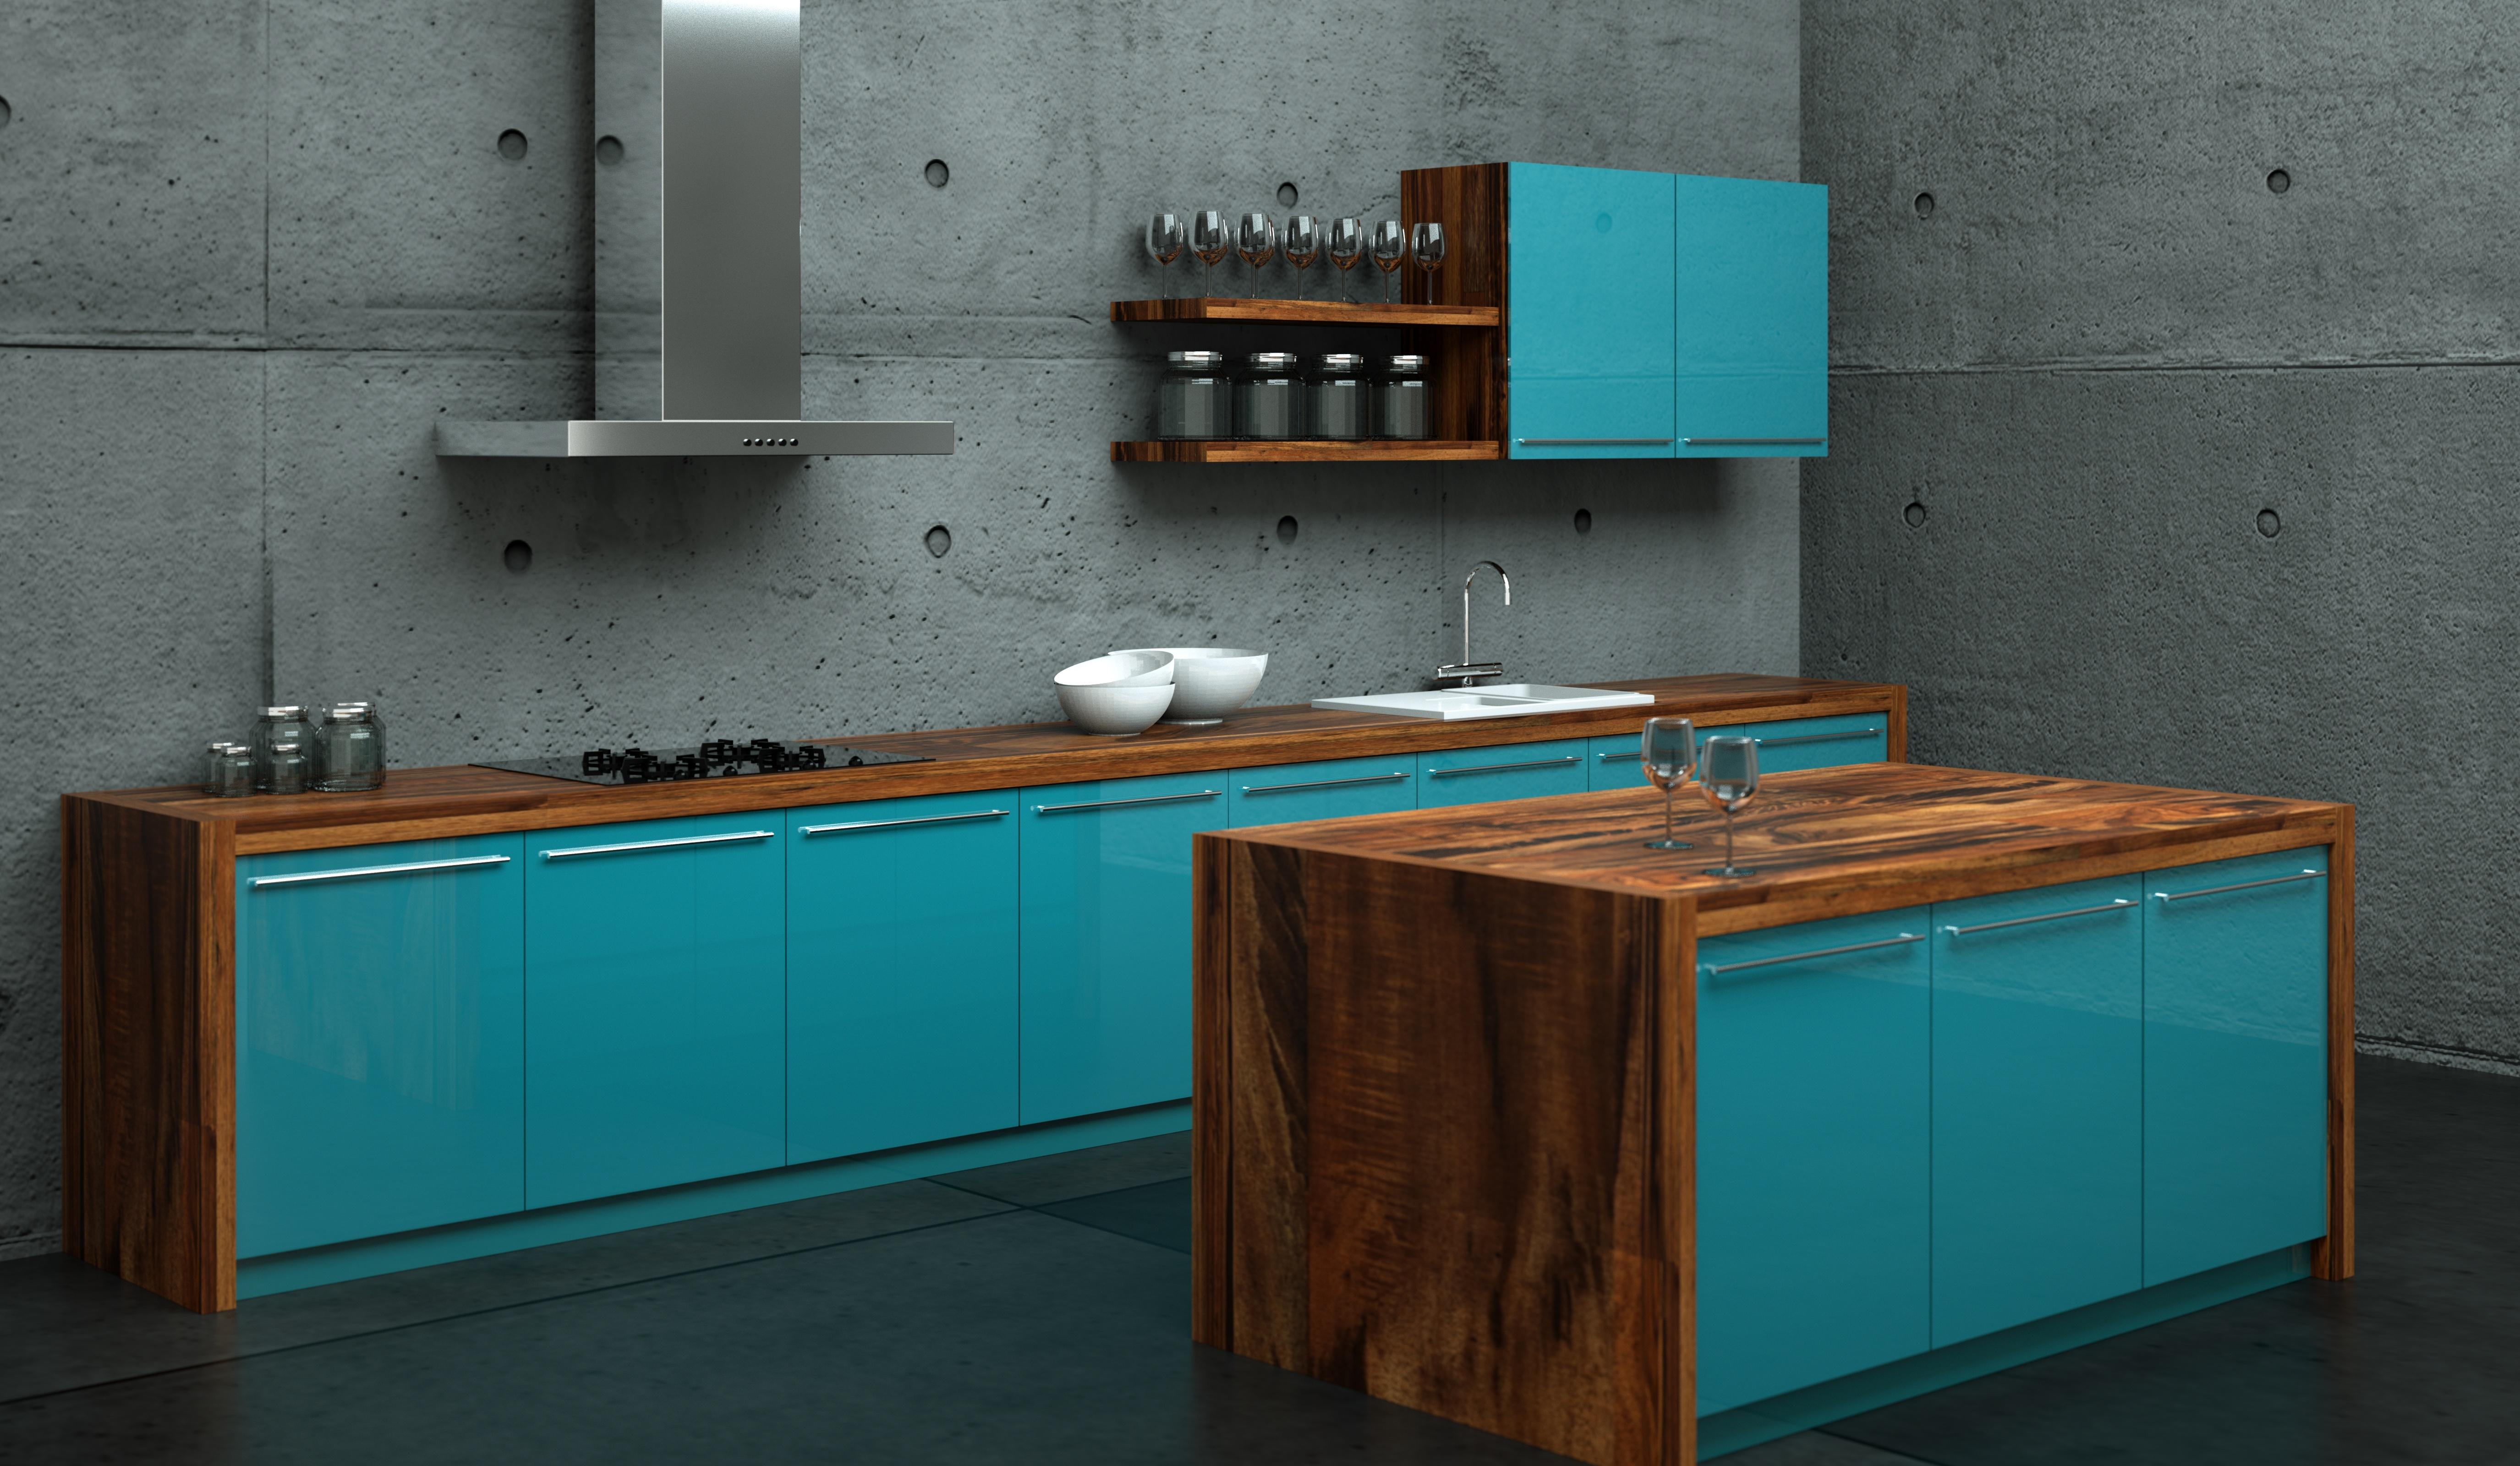 Keuken Pimpen Voor En Na : keuken vereist vakkundigheid de keuken en badkamer zijn simpel te